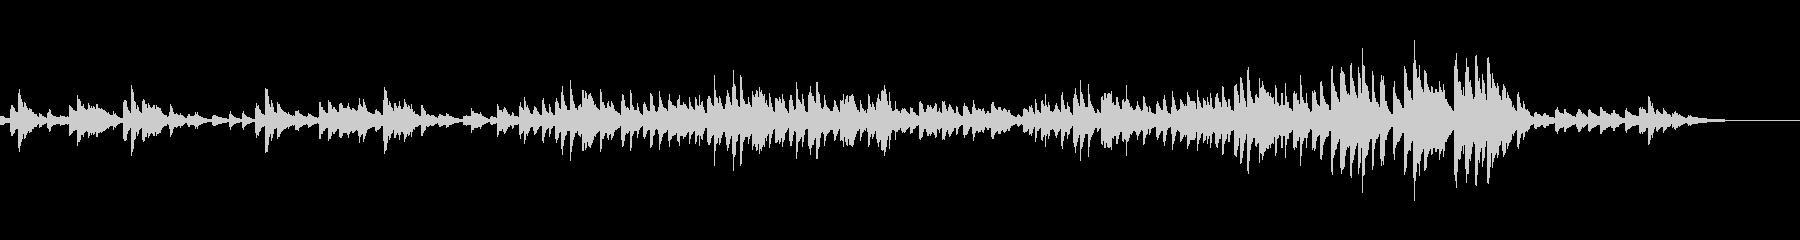 クラシックピアノ ショパンマズルカ27番の未再生の波形